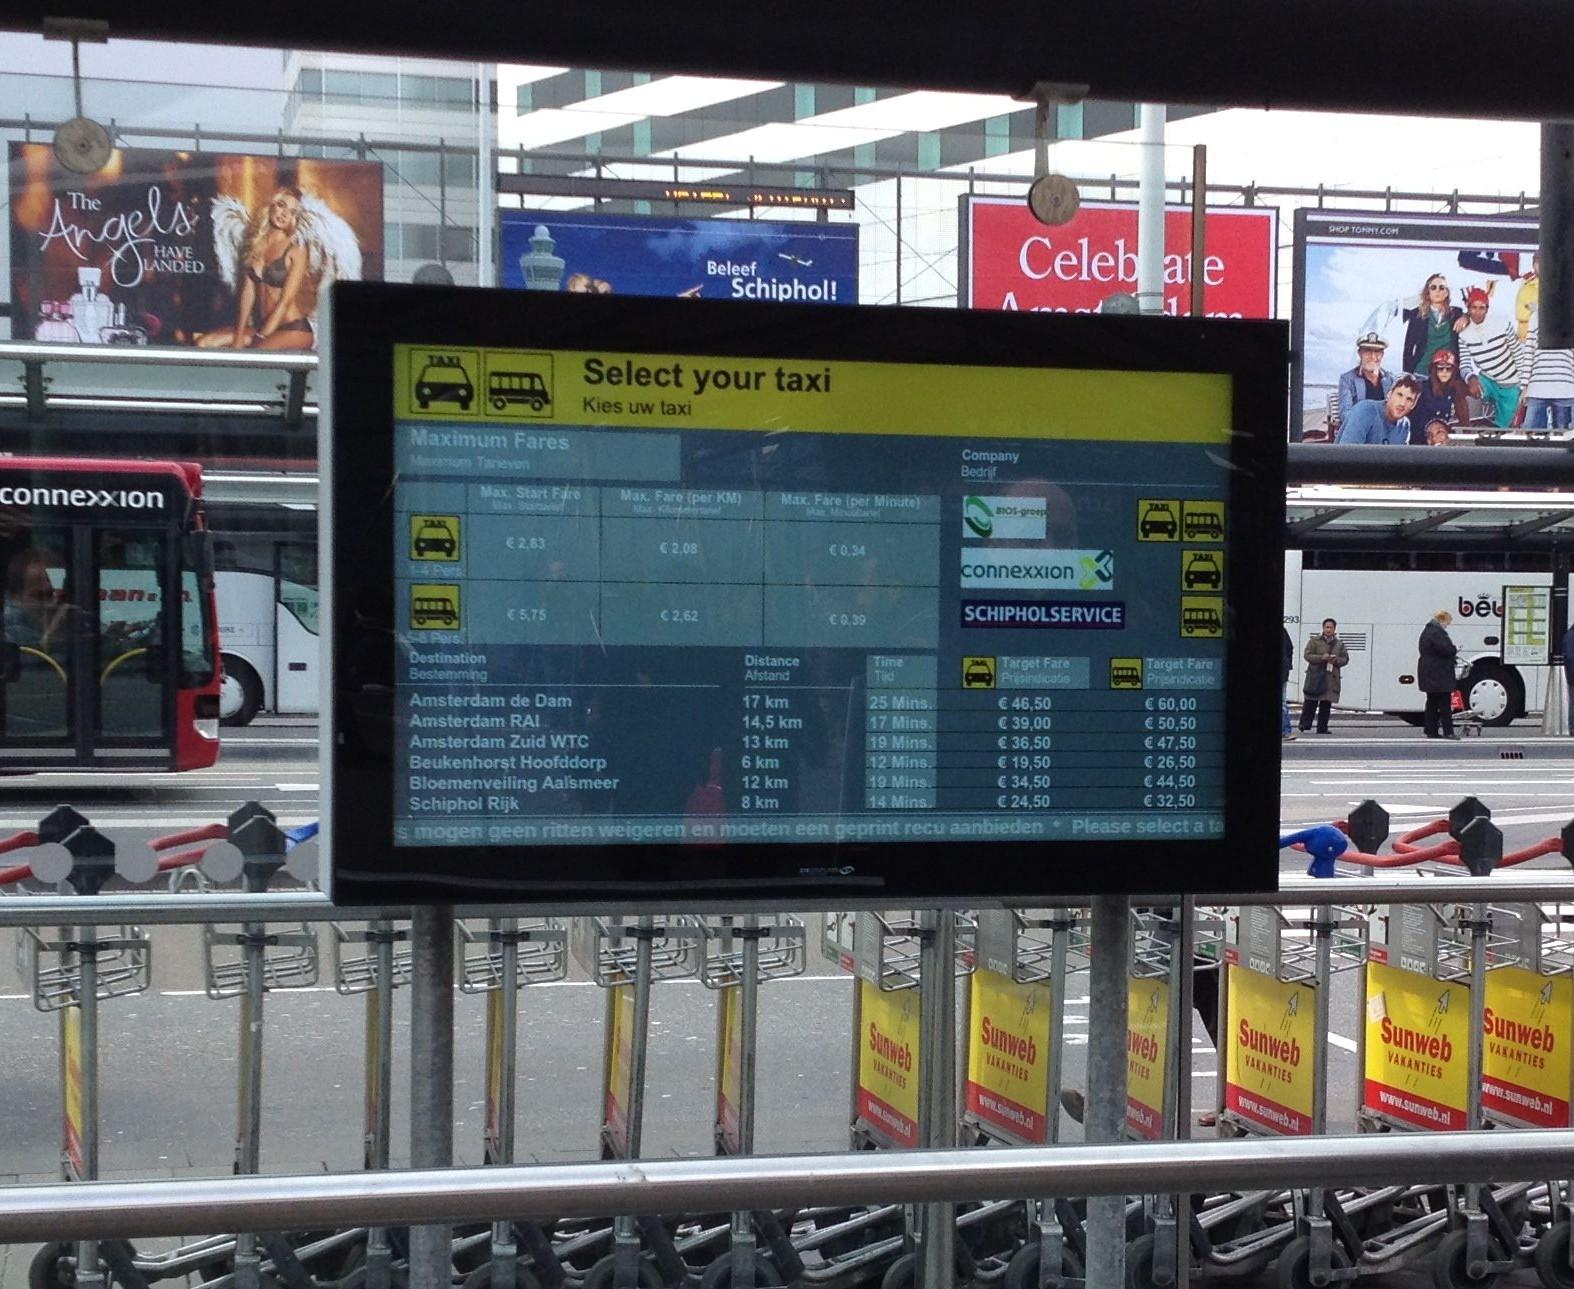 Schiphol LCD 55 inch 2